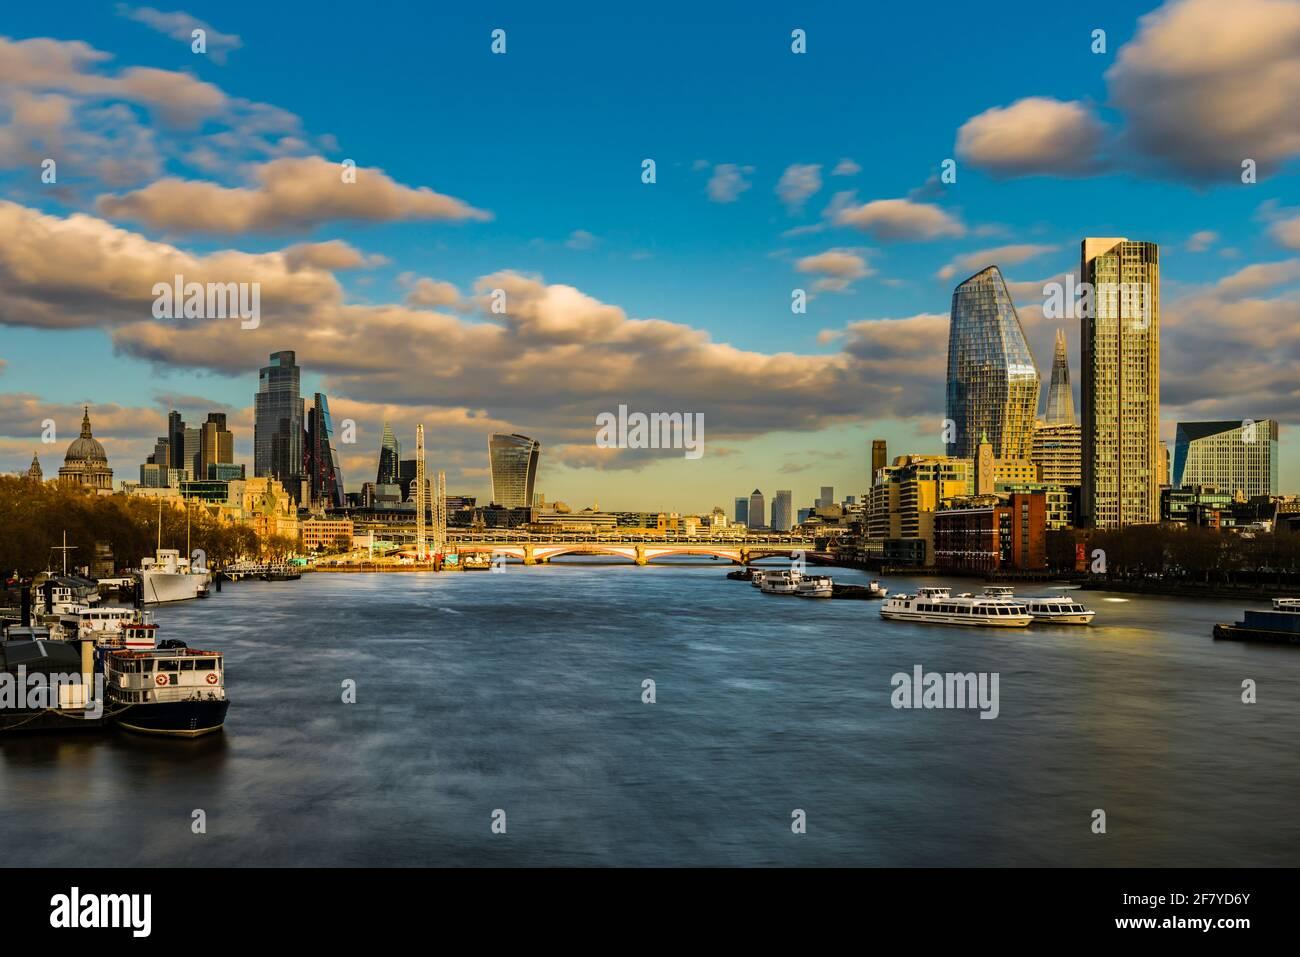 Blick am späten Nachmittag über die City of London und die Blackfriars Bridge, London, Großbritannien Stockfoto